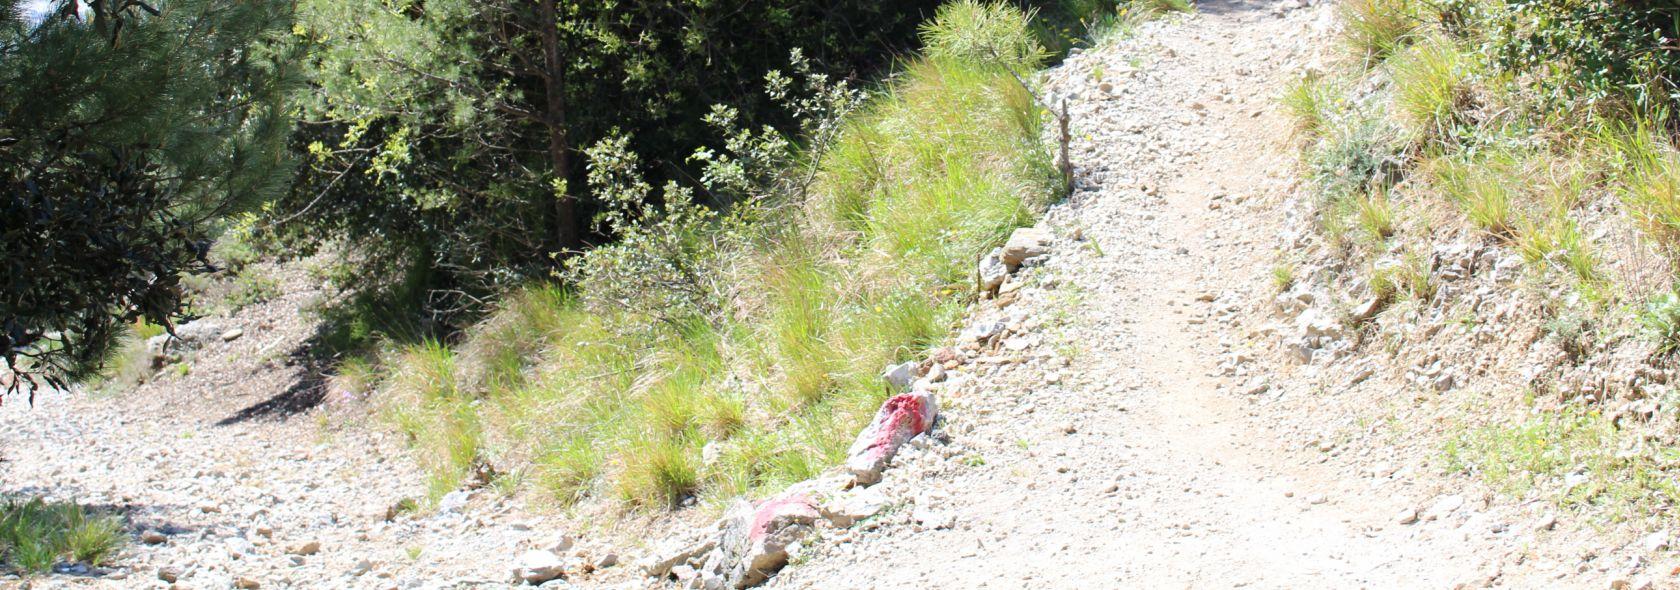 Monte Gazzo Outdoor - escursioni guidate con e-bike